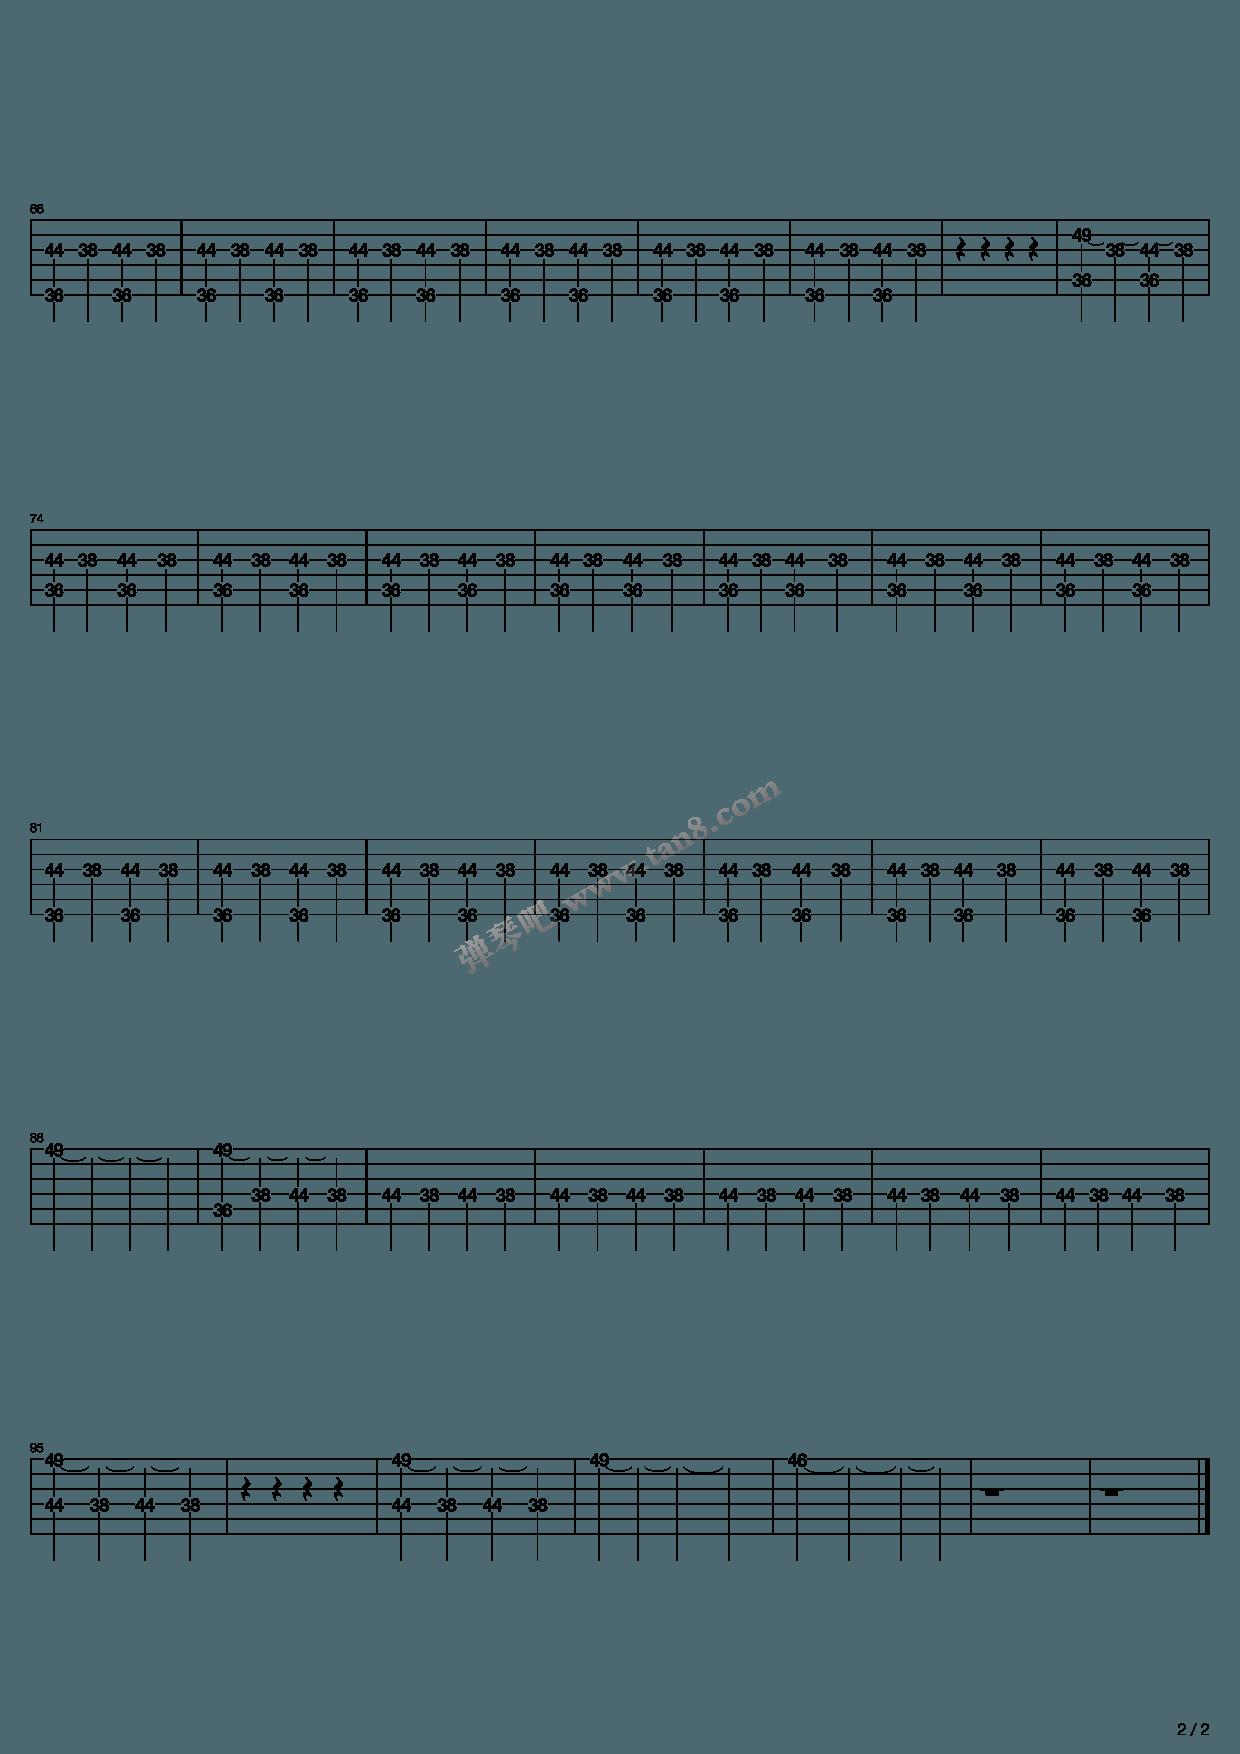 柠檬树 苏慧伦 下载_《柠檬树(Intro)》,苏慧伦(六线谱 调六线吉他谱-虫虫吉他谱免费 ...